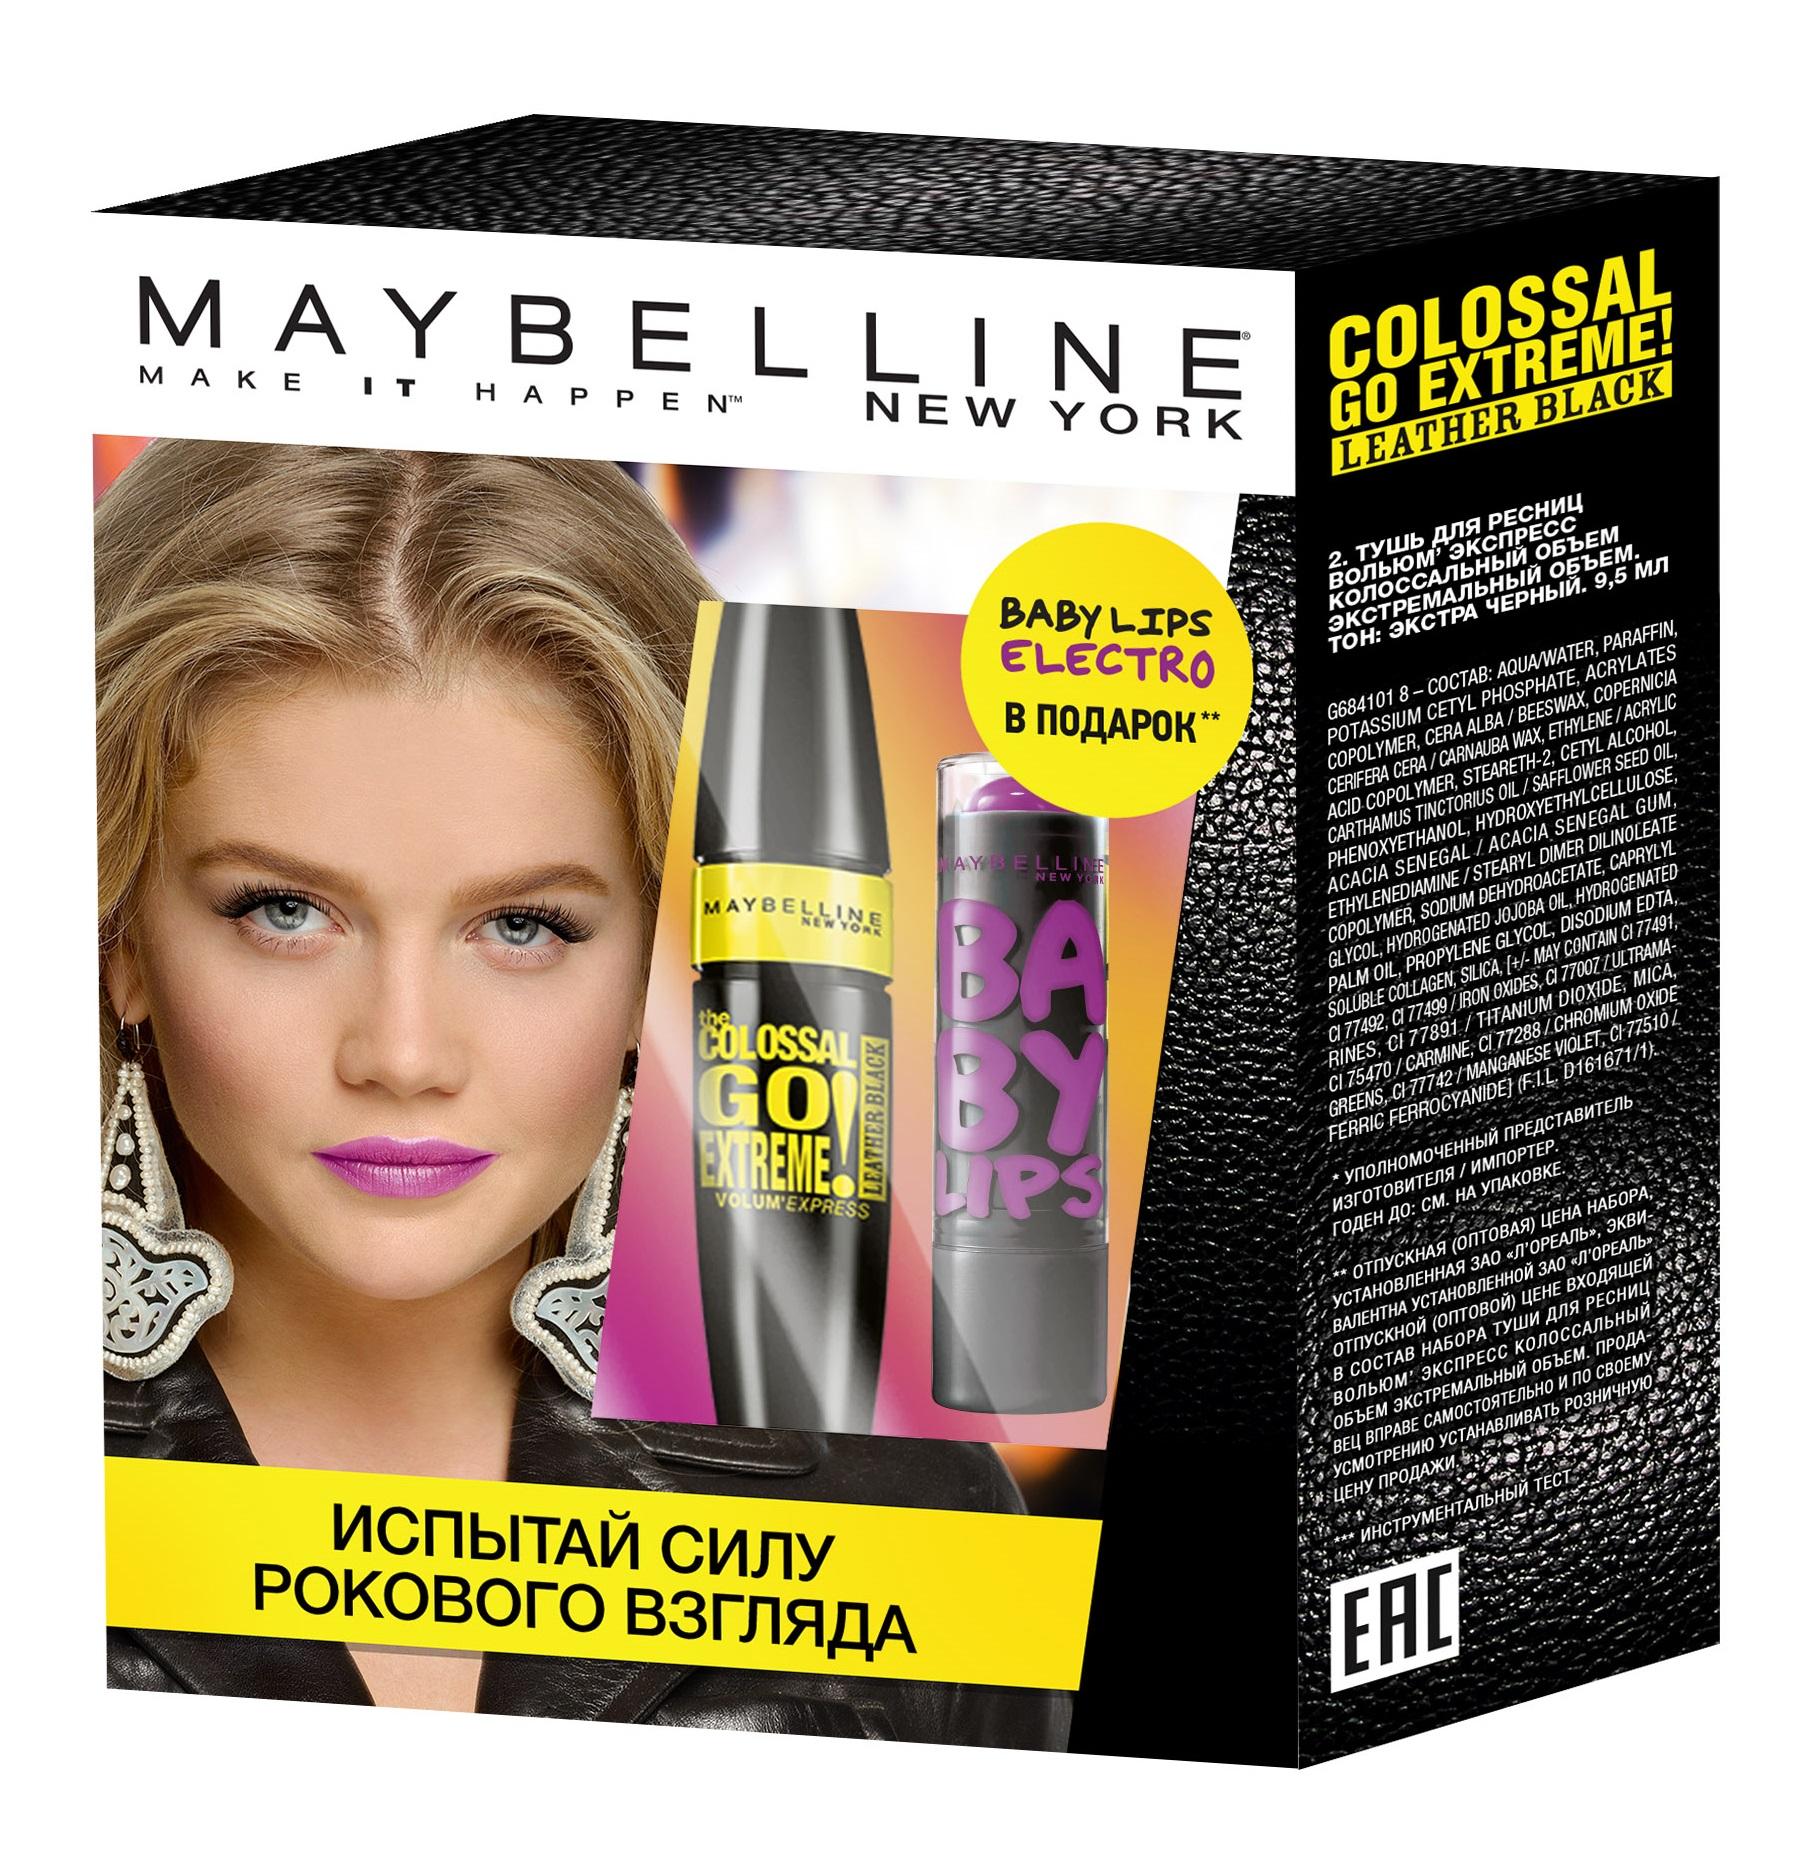 Набор Maybelline New York Тушь для ресниц Colossal Go Extreme Leather Black, объем и удлинение, экстрачерный, 9,5 мл + Бальзам для губ Baby Lips. Electro, восстанавливающий и увлажняющий, с цветом и запахом, Ягодный Взрыв, 1,78 мл, Baby Lips в подарокYRU03904Baby Lips в подарок. Состав набора: Тушь для ресниц Colossal Go Extreme Leather Black, объем и удлинение, экстрачерный, 9,5 мл 1. Придает объем 2. Щеточка с изогнутым стержнем заряжена двойной порцией туши 3. 100% насыщенный цвет черной кожи Бальзам для губ Baby Lips. Electro, восстанавливающий и увлажняющий, с цветом и запахом, Ягодный Взрыв, 1,78 мл Восстанавливающий бальзам для губ BABY LIPS ELECTRO подарит тебе 8 часов экстраувлажнения и насыщенный неоновый цвет – такой яркий и соблазнительный! Попрощайся с бесцветными гигиеническими помадами – встречай неоновый всплеск и интенсивный уход в коллекции бальзамов для губ нового поколения.